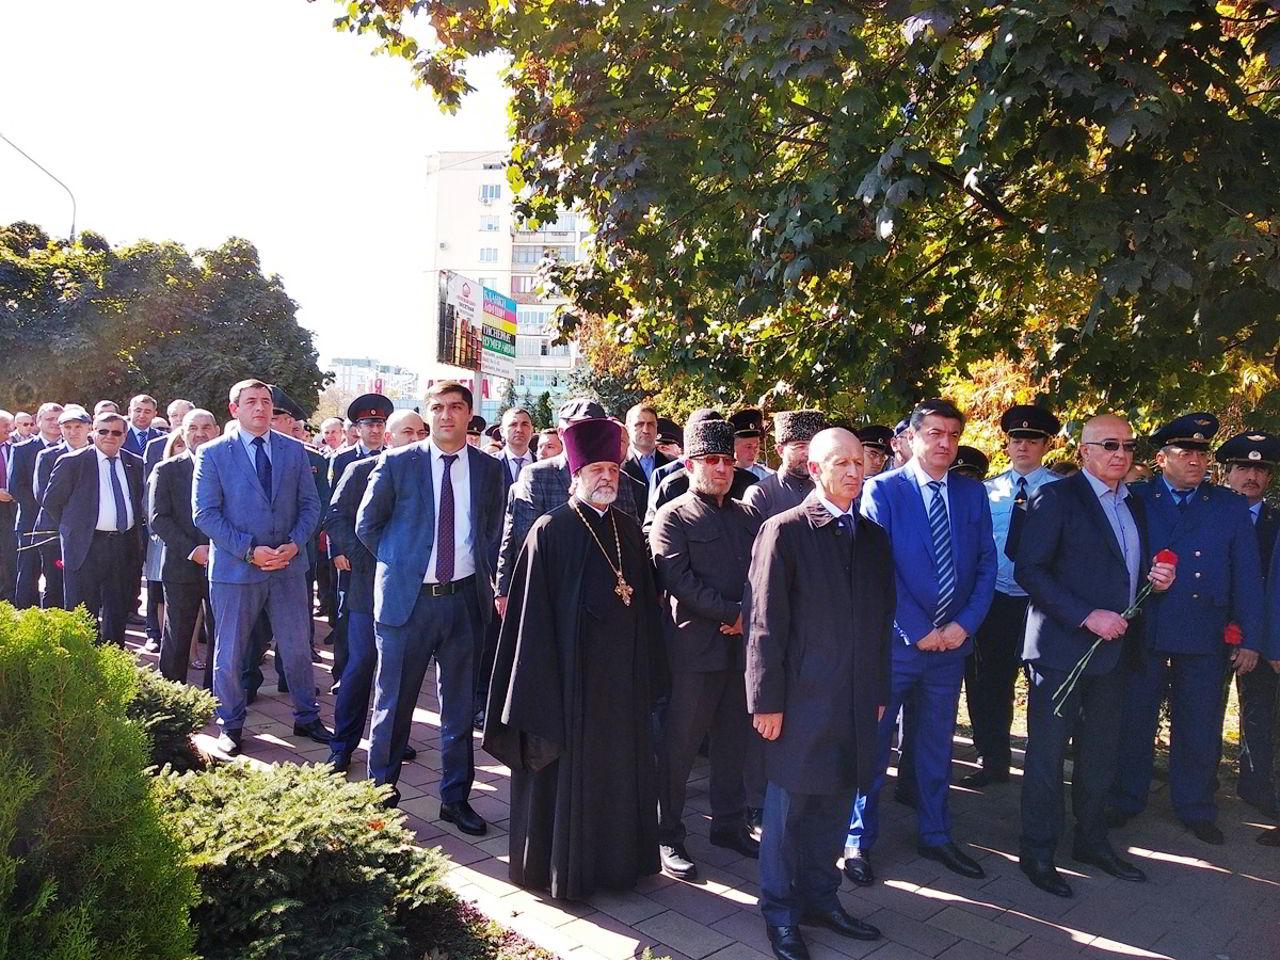 2019-10-14 Священнослужители приняли участие в мероприятиях, посвященных Дню памяти сотрудников правоохранительных органов, погибших при исполнении служебного долга